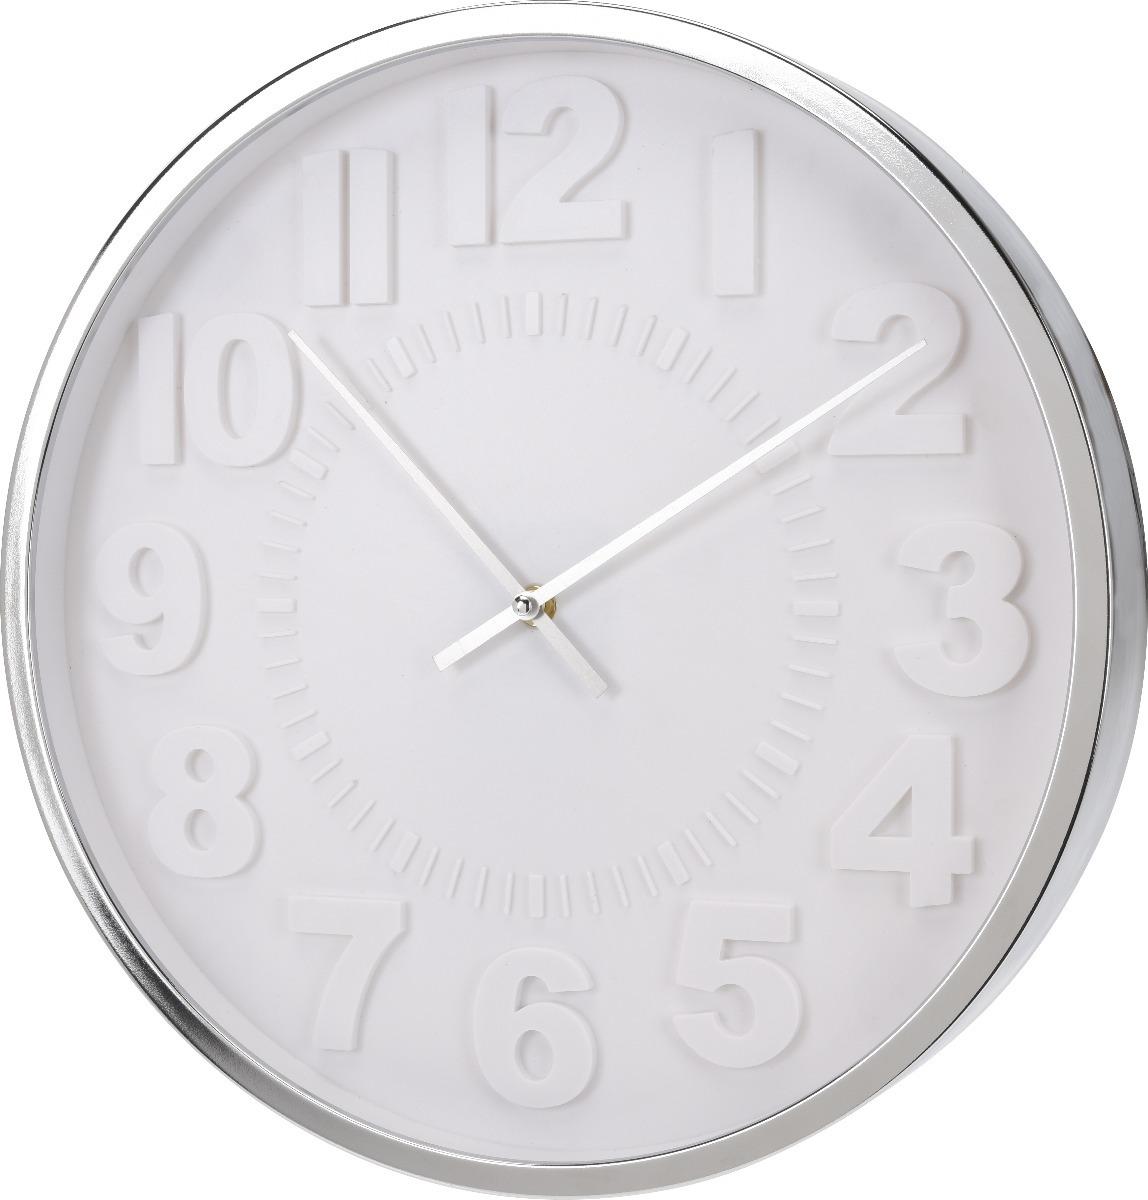 Reloj De Pared Blanco Con Marco Cromado Atma Home - $ 1.999,00 en ...